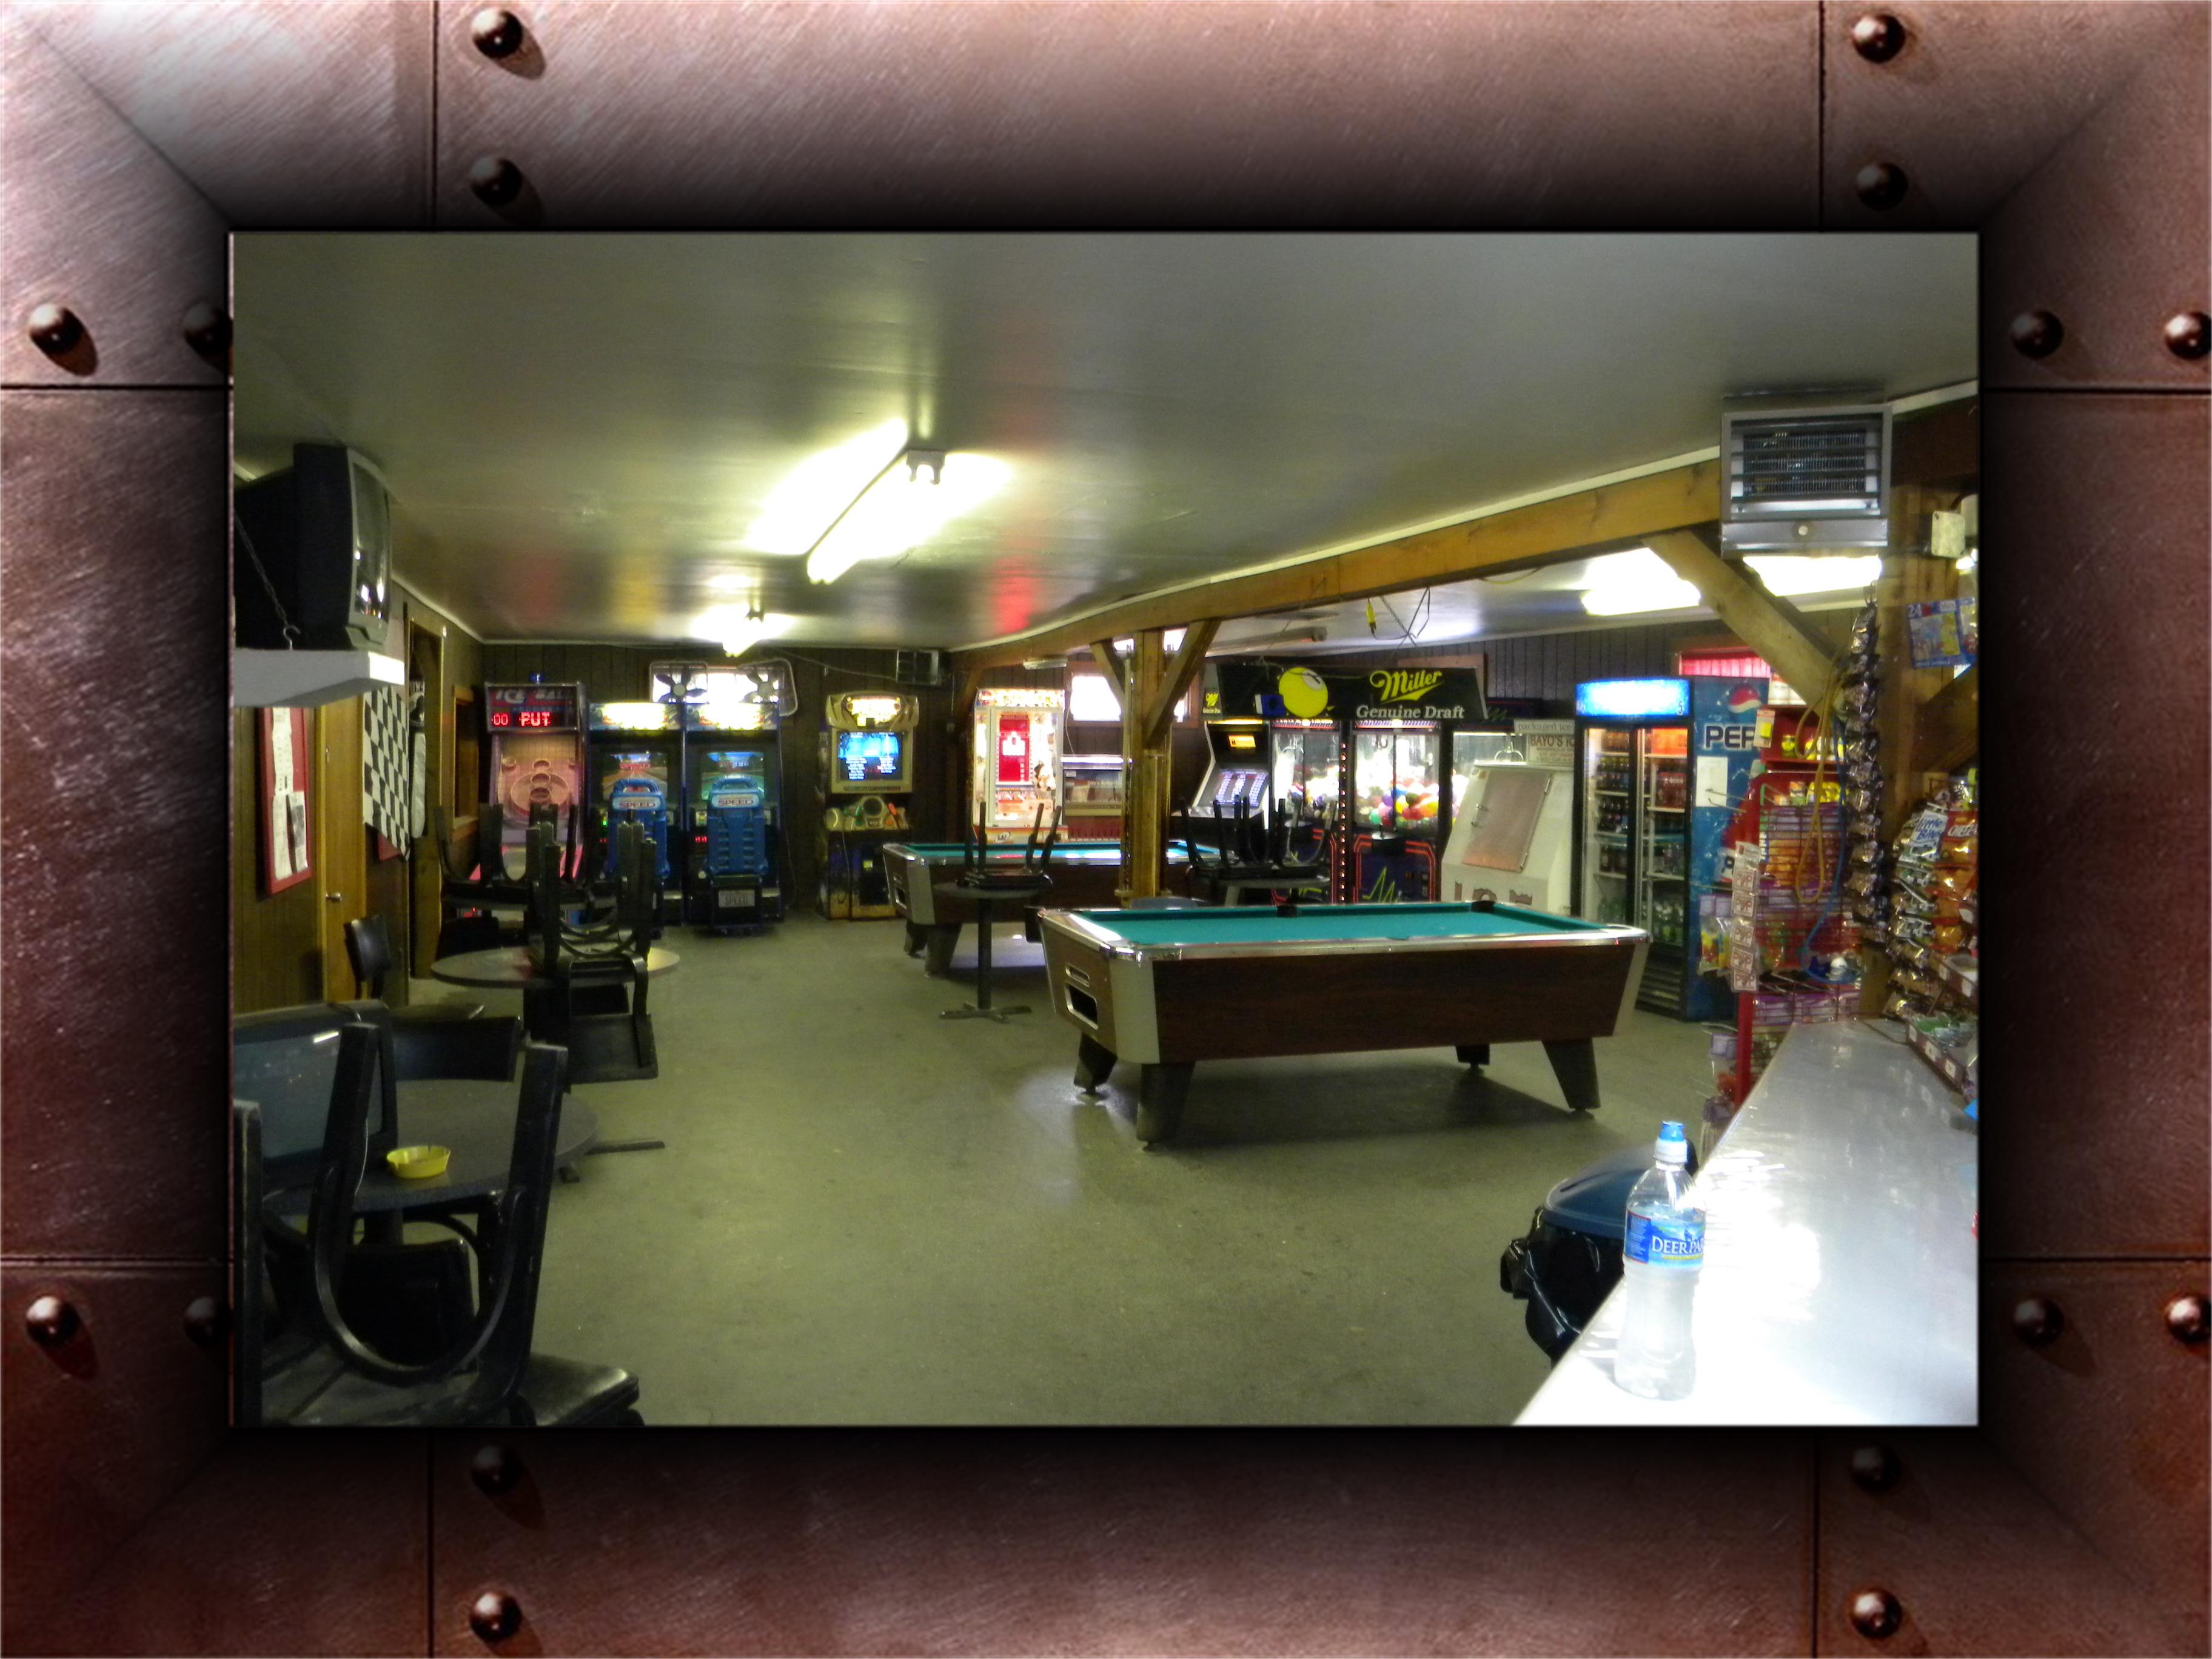 gameroom-frame.jpg